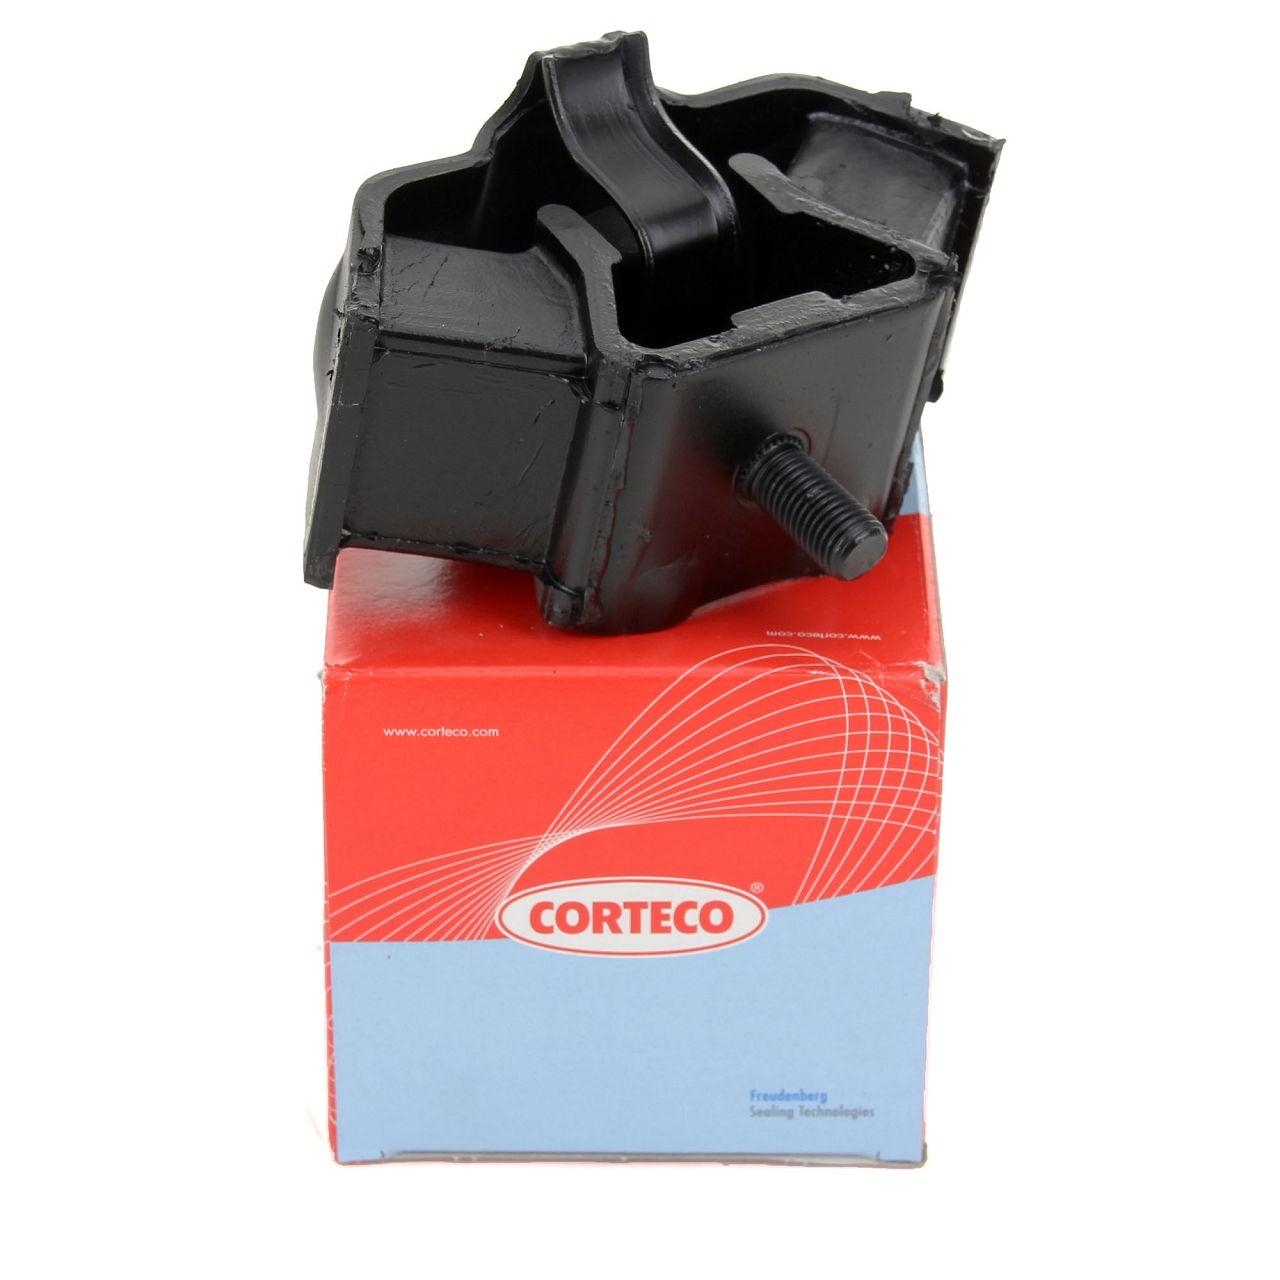 CORTECO Motorlager Automatikgetriebe für Mercedes 190 W201 W124 W123 hinten